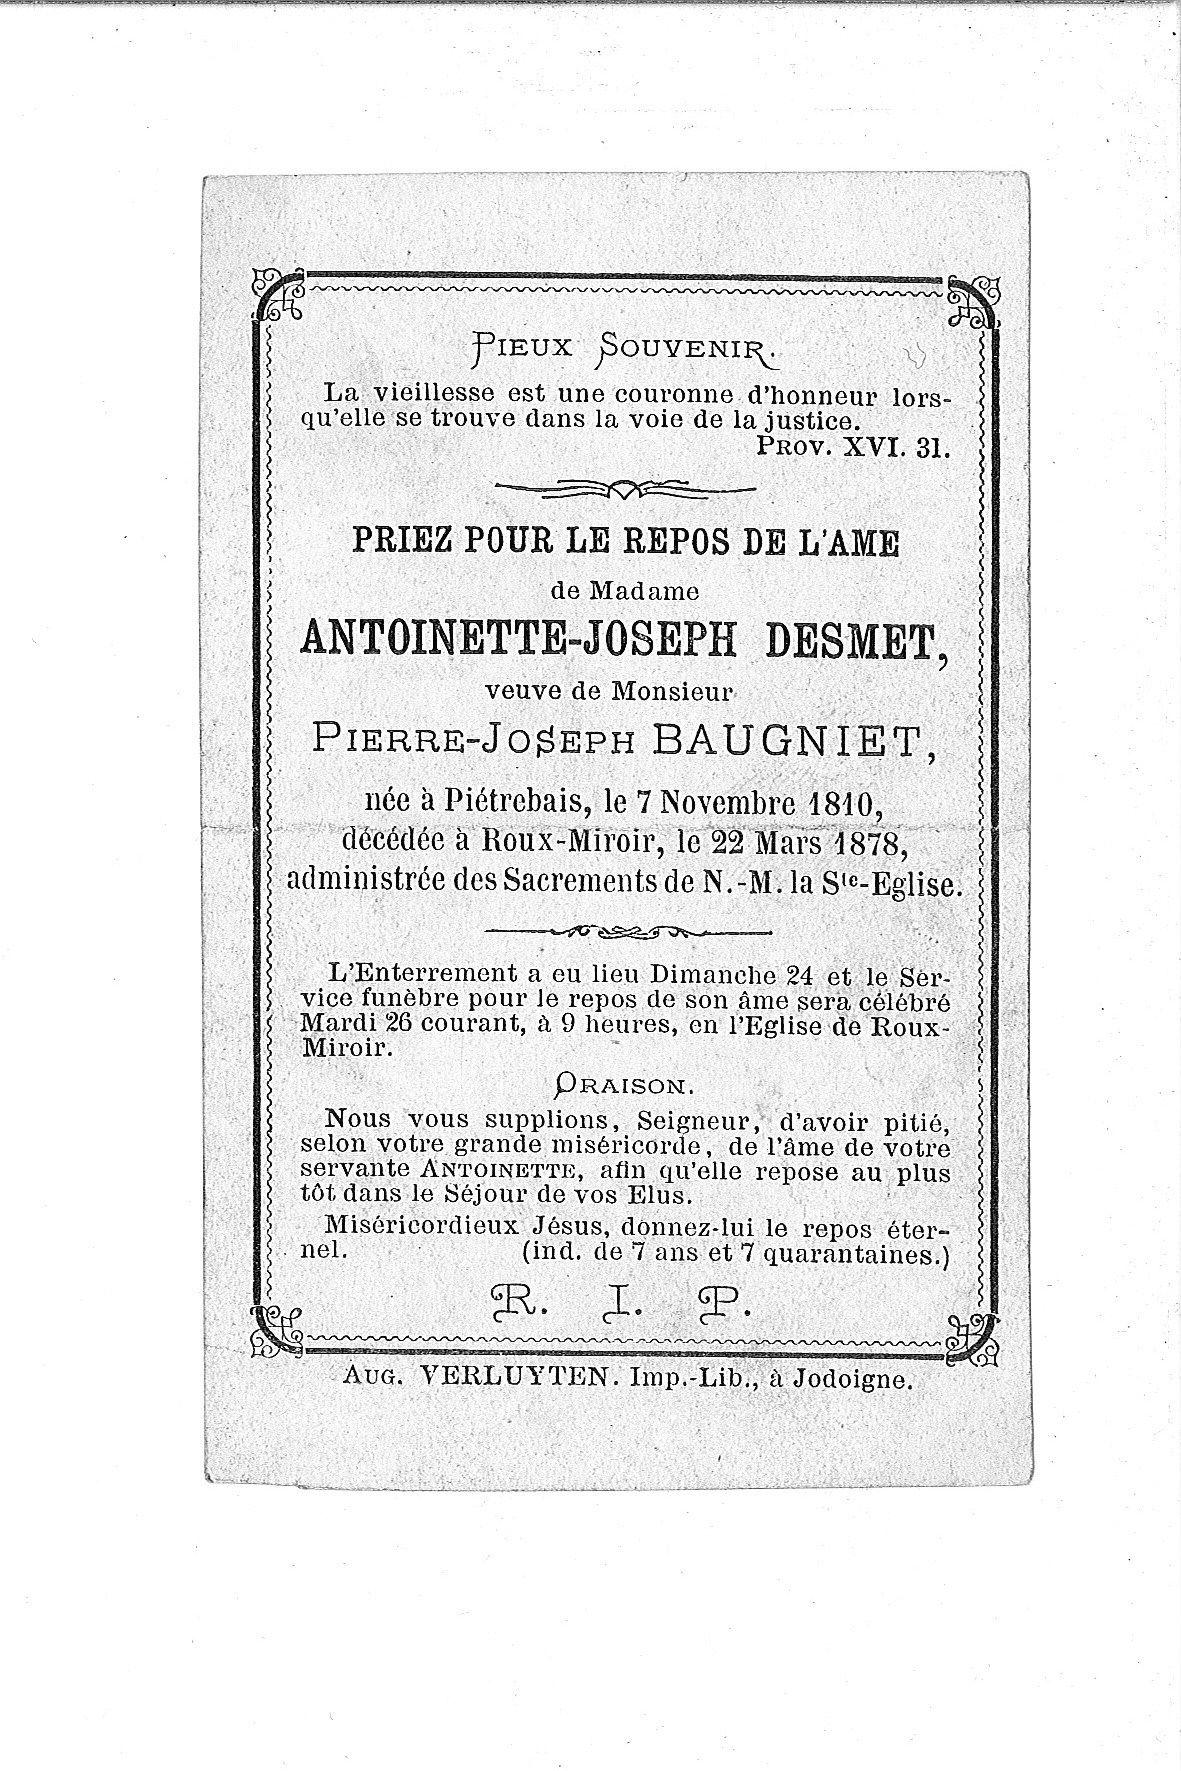 Antoinette-Joseph (1878) 20091016080739_00047.jpg